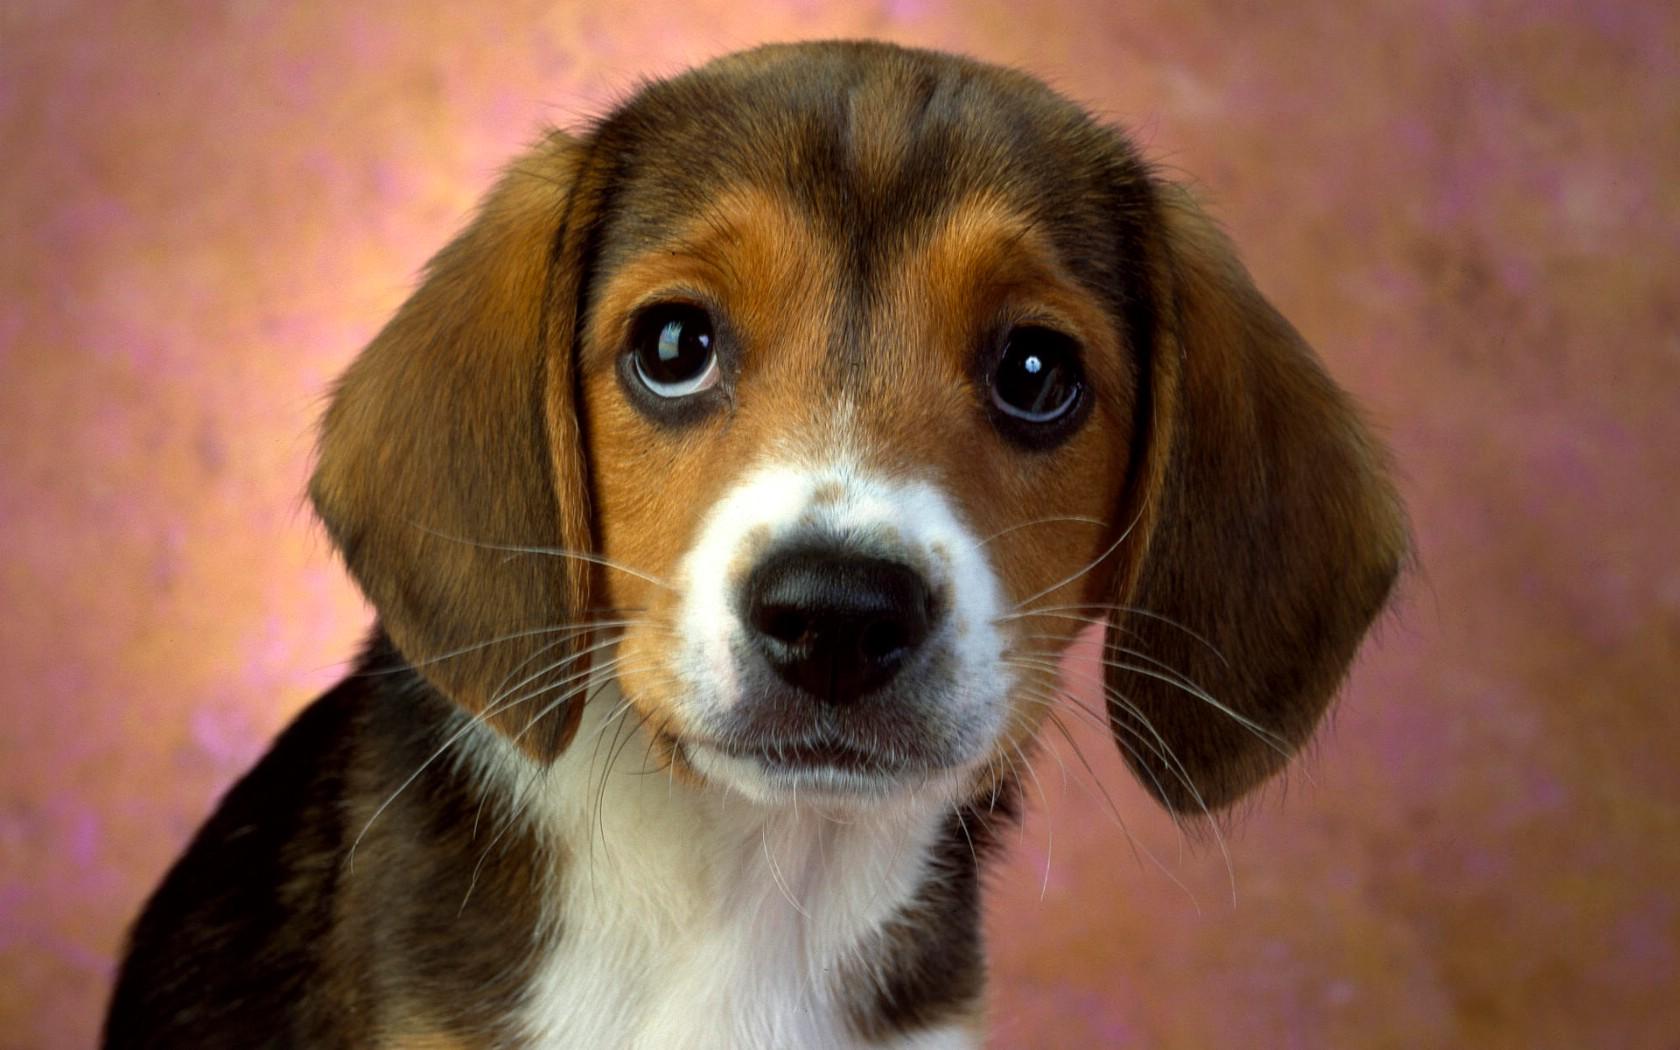 可爱狗桌面壁纸图片写真